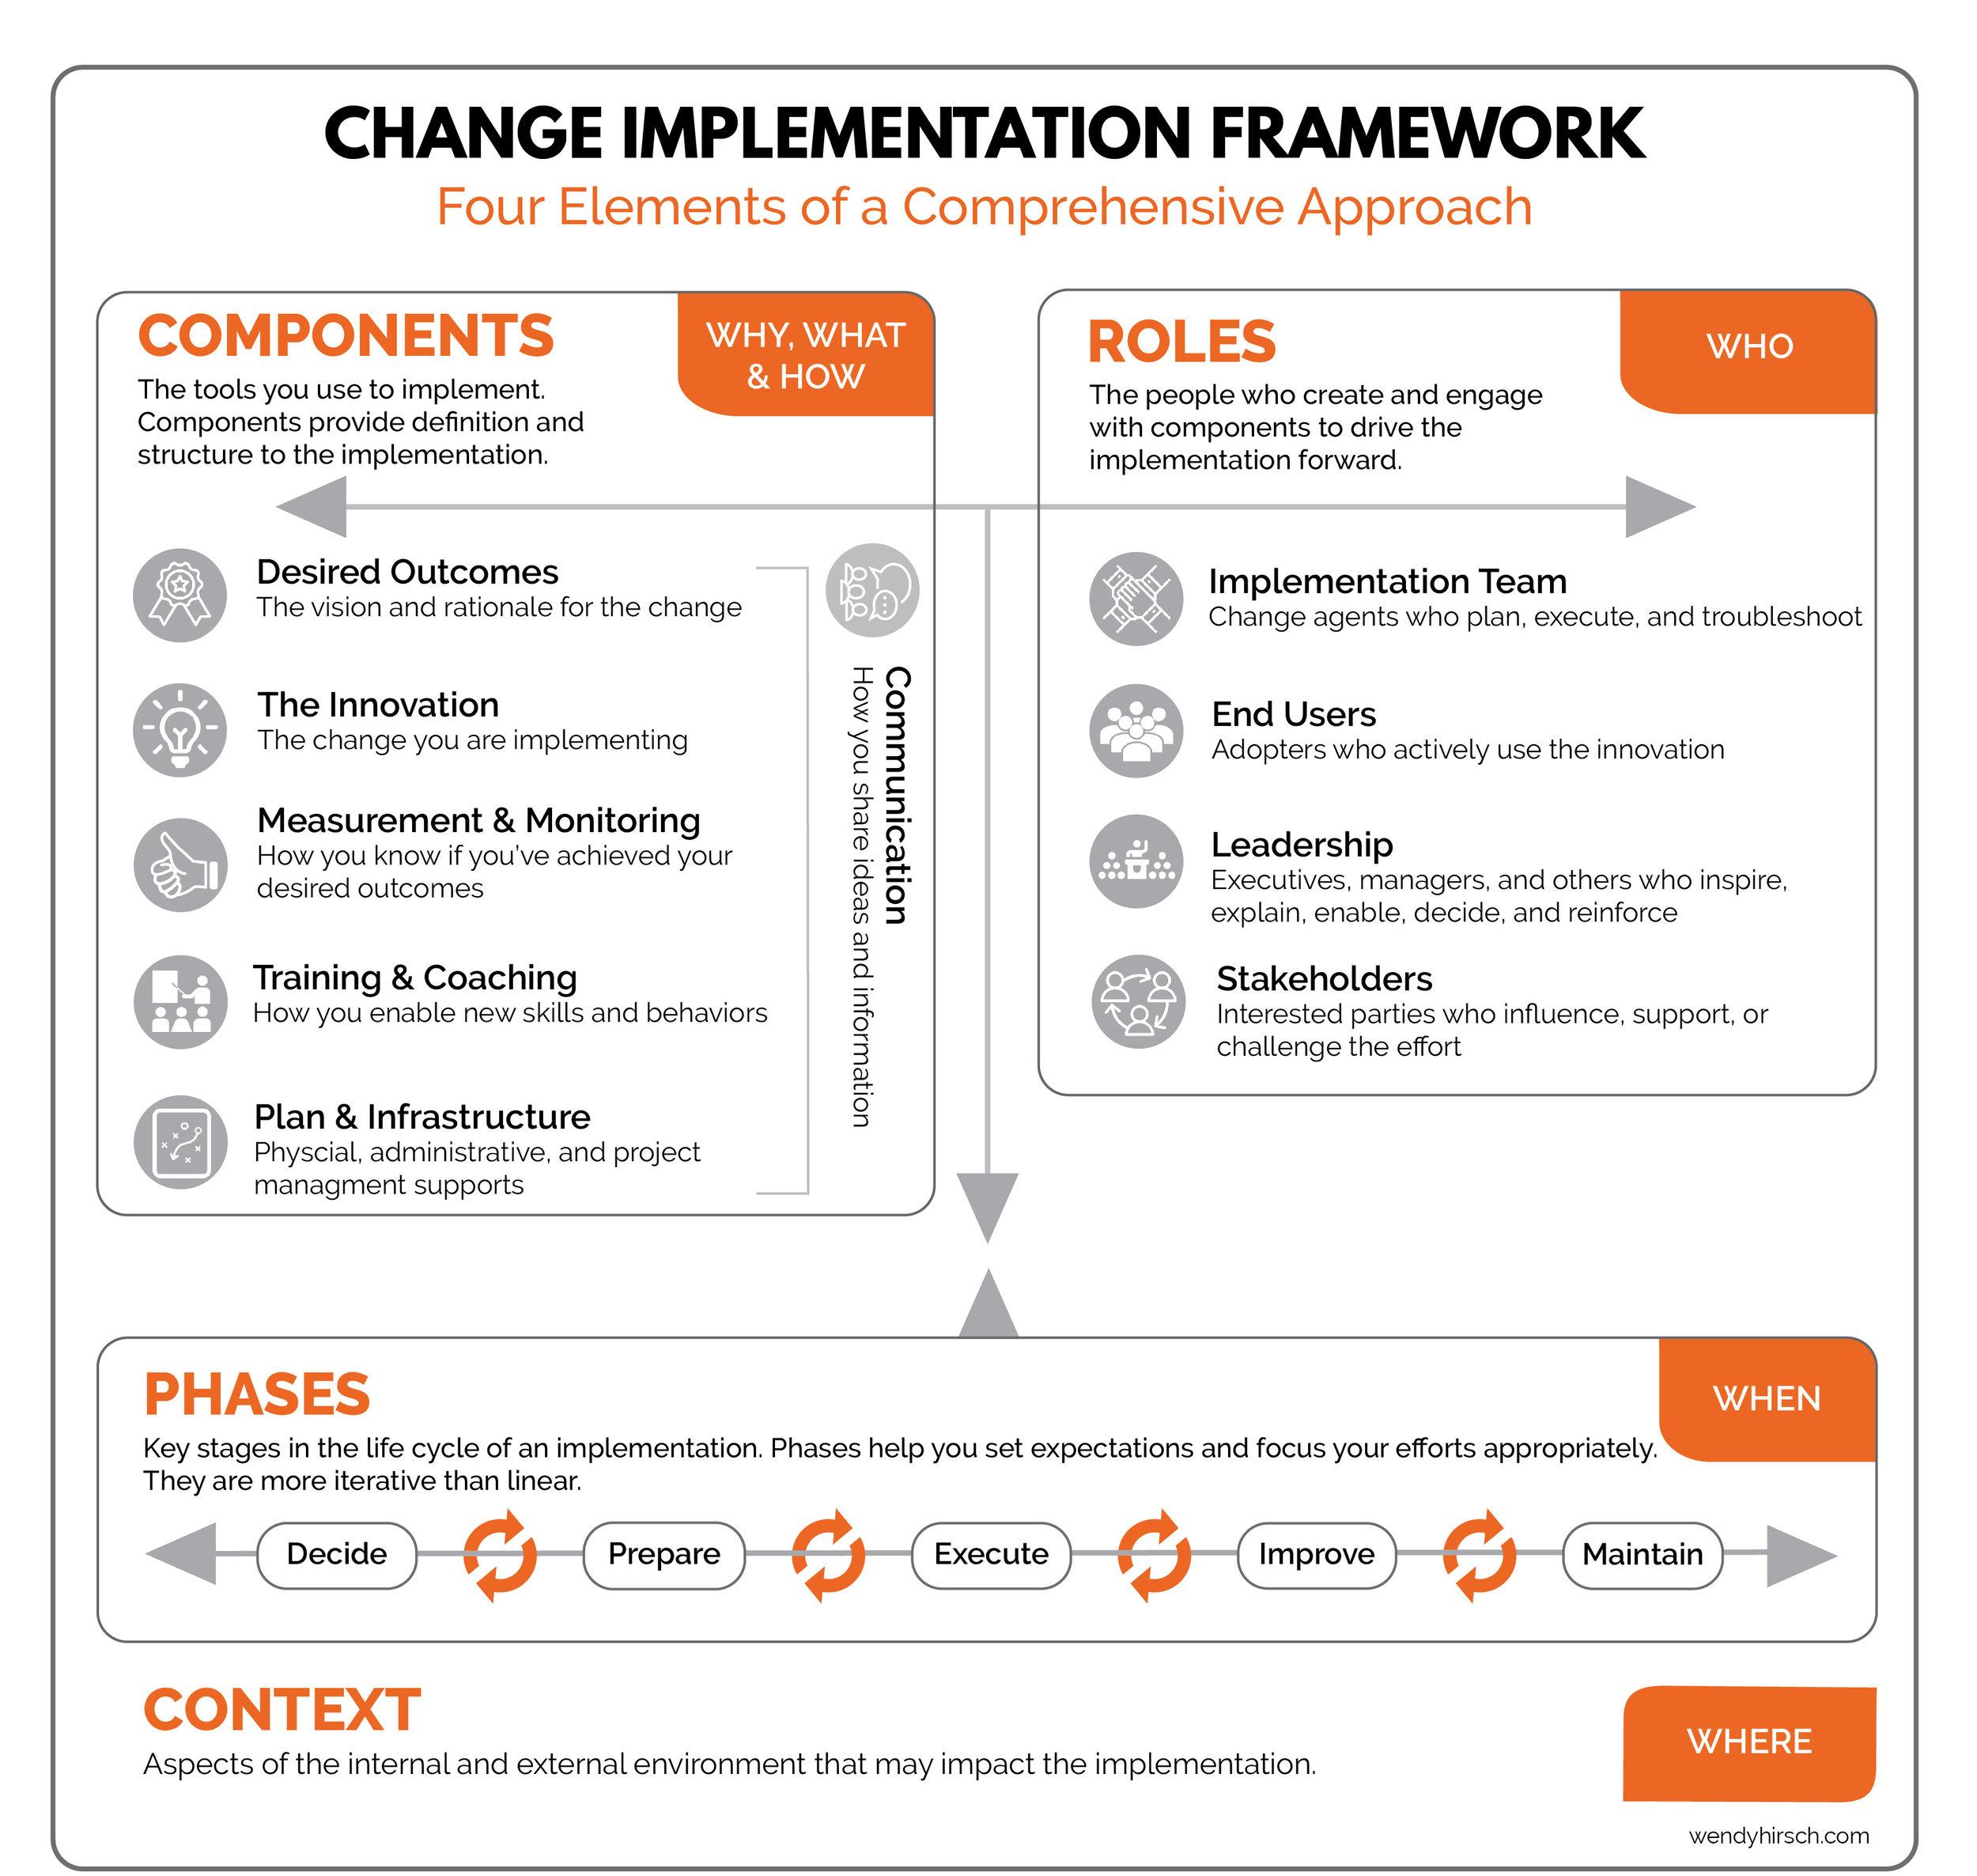 Change Implementation Framework